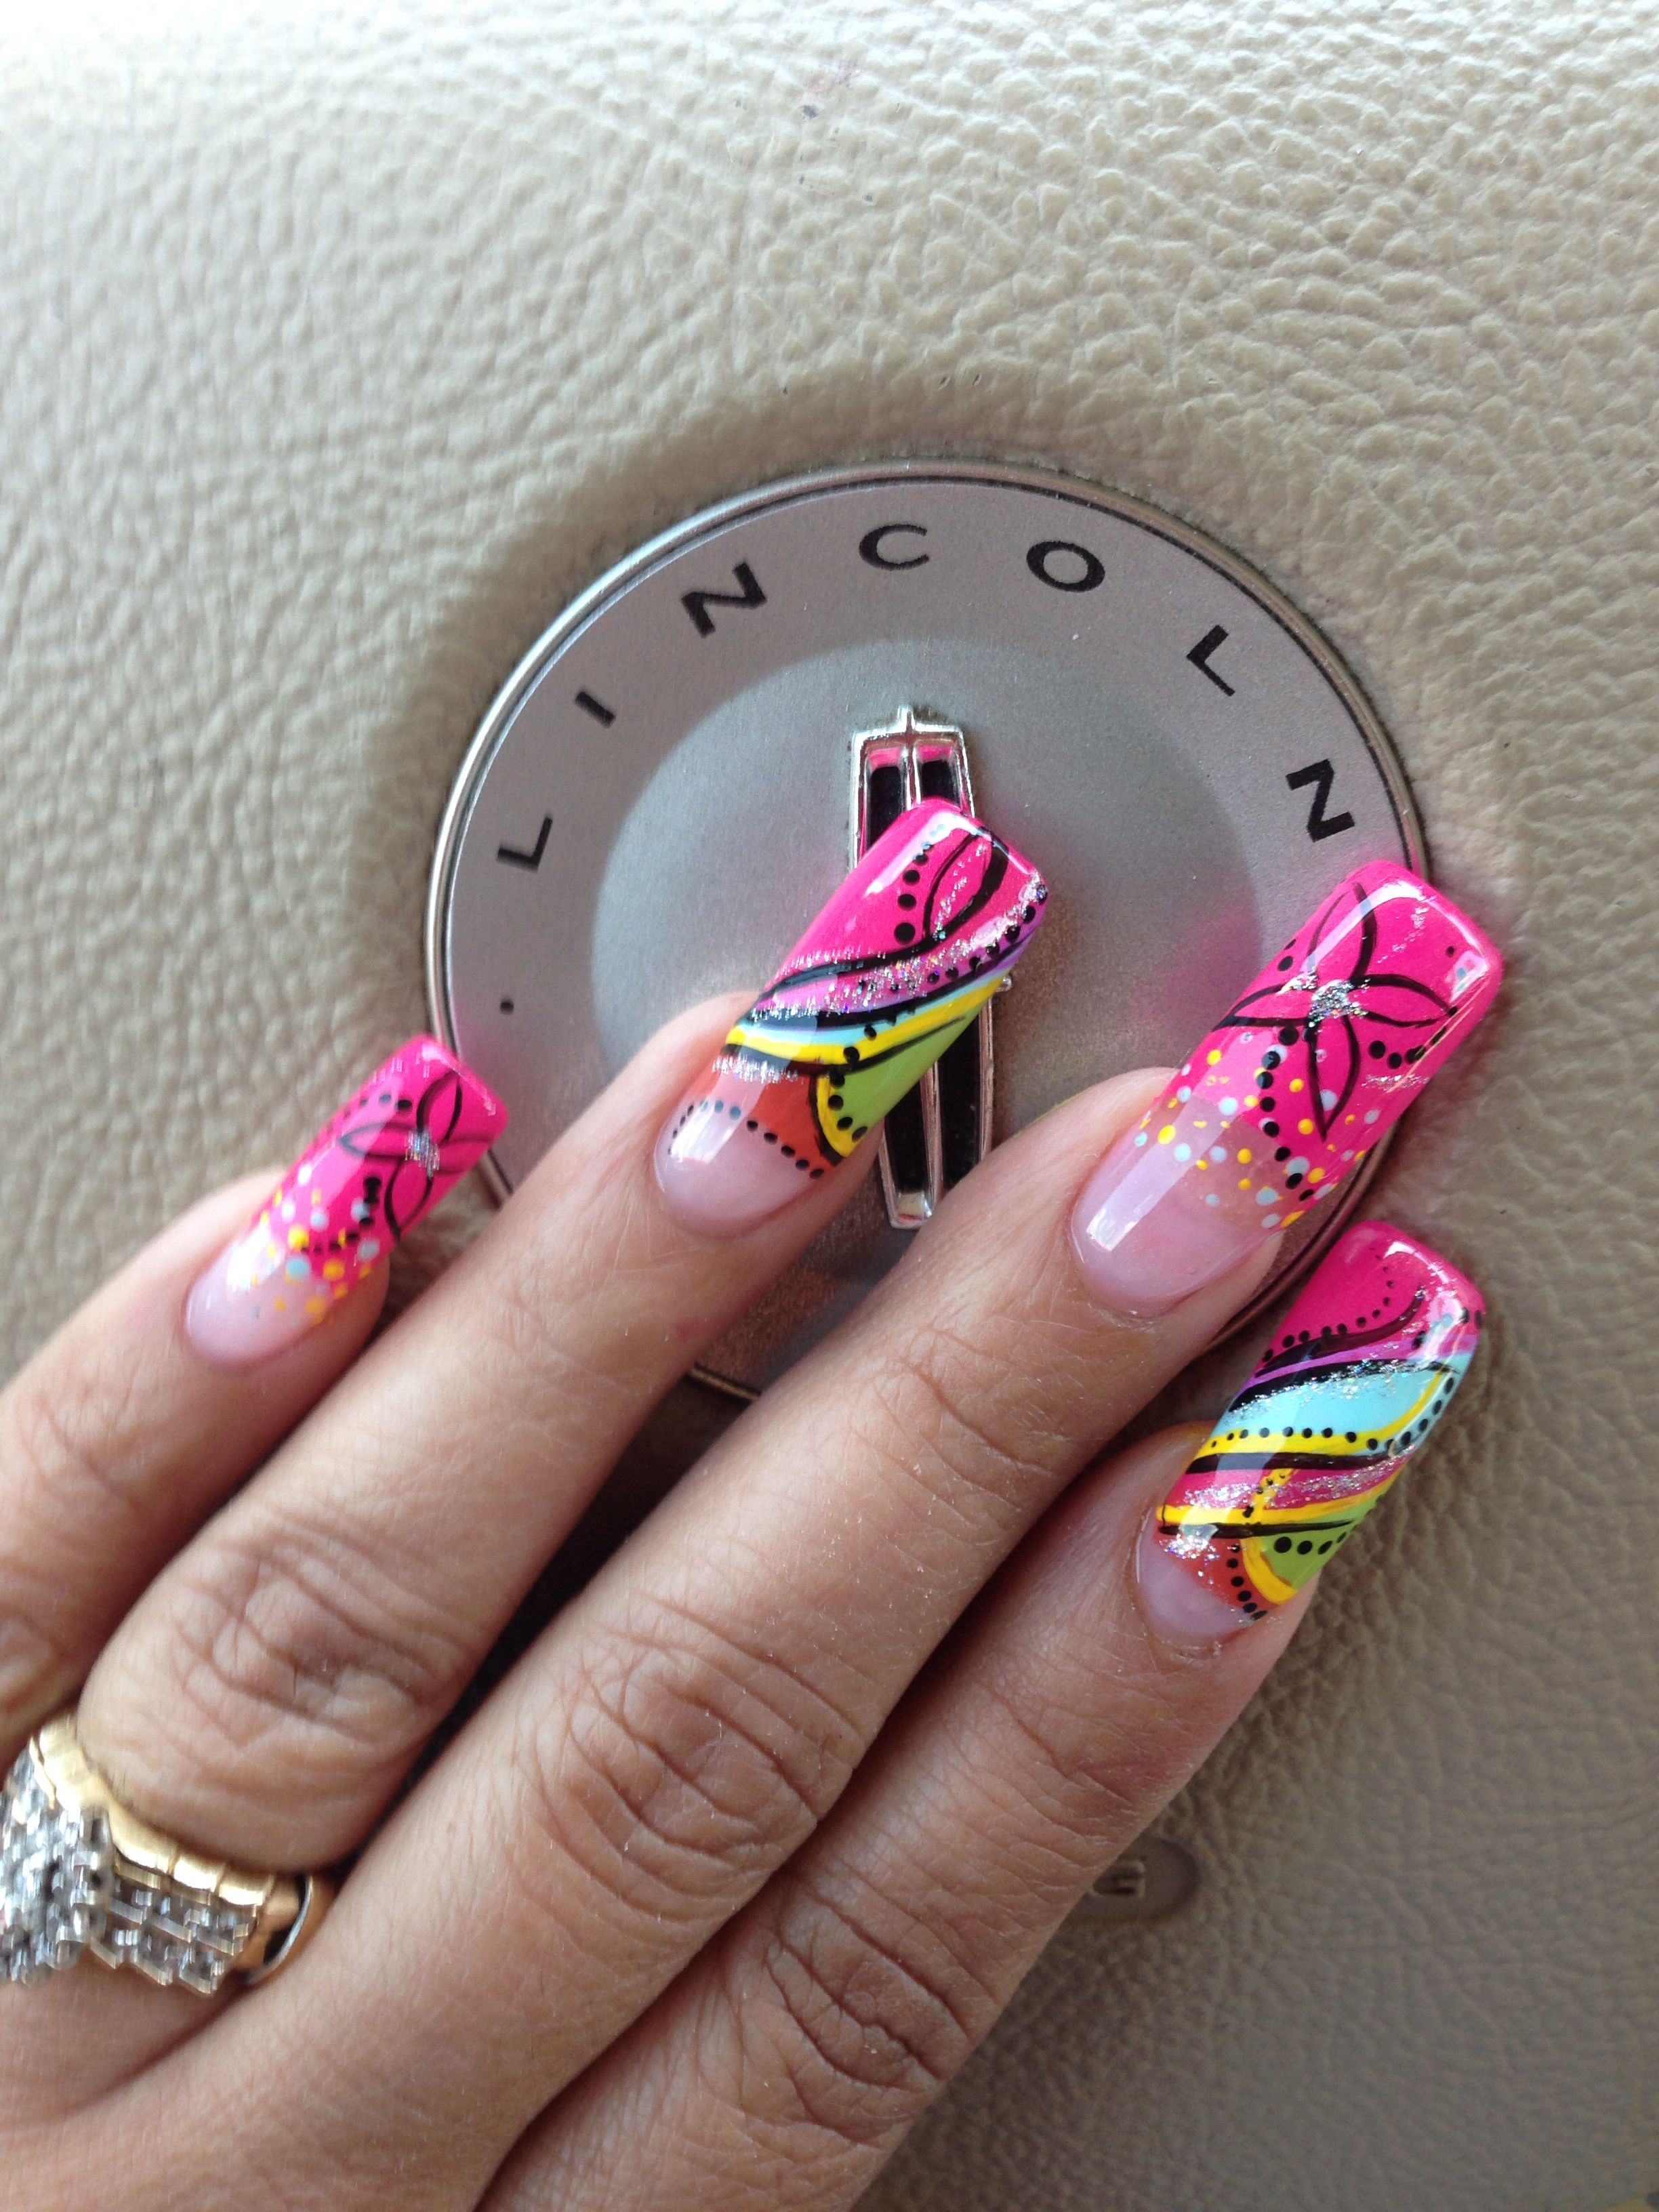 Long nail design by best nail tech Zaira | Nail designs | Pinterest